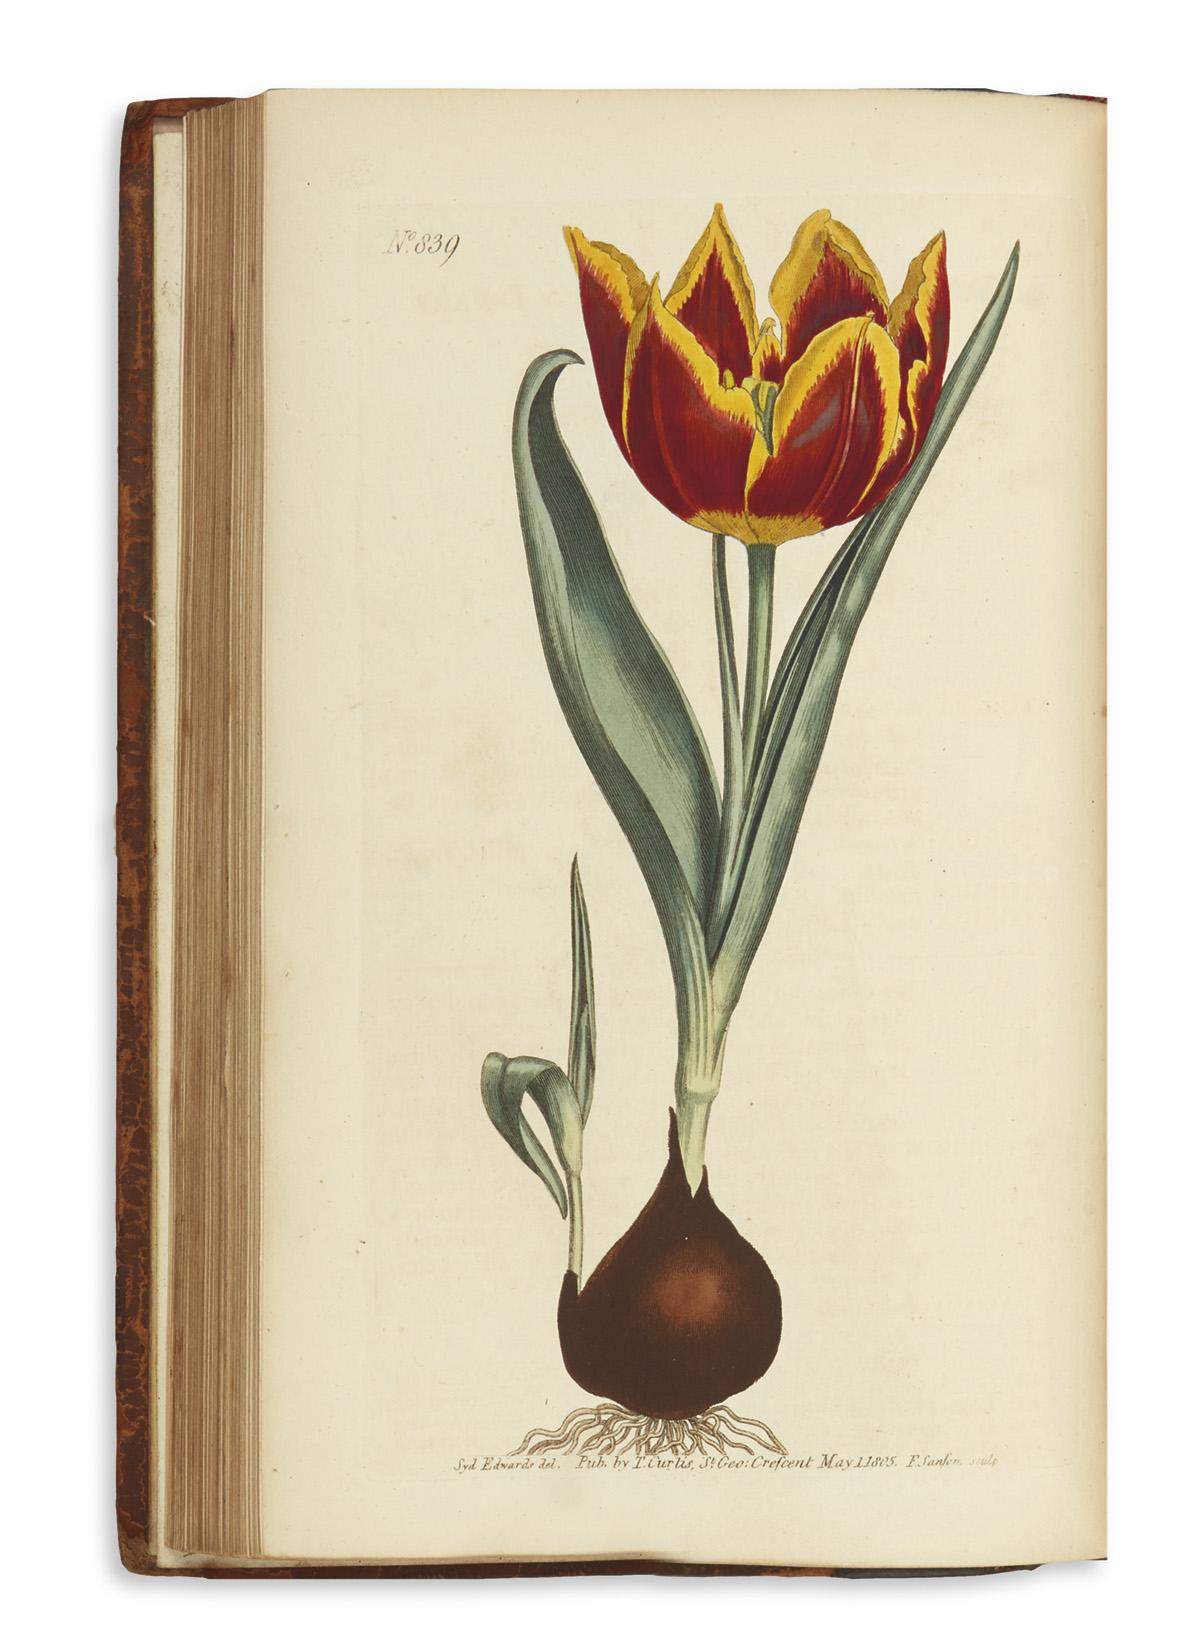 CURTIS-WILLIAM-The-Botanical-Magazine;-or-Flower-Garden-Disp